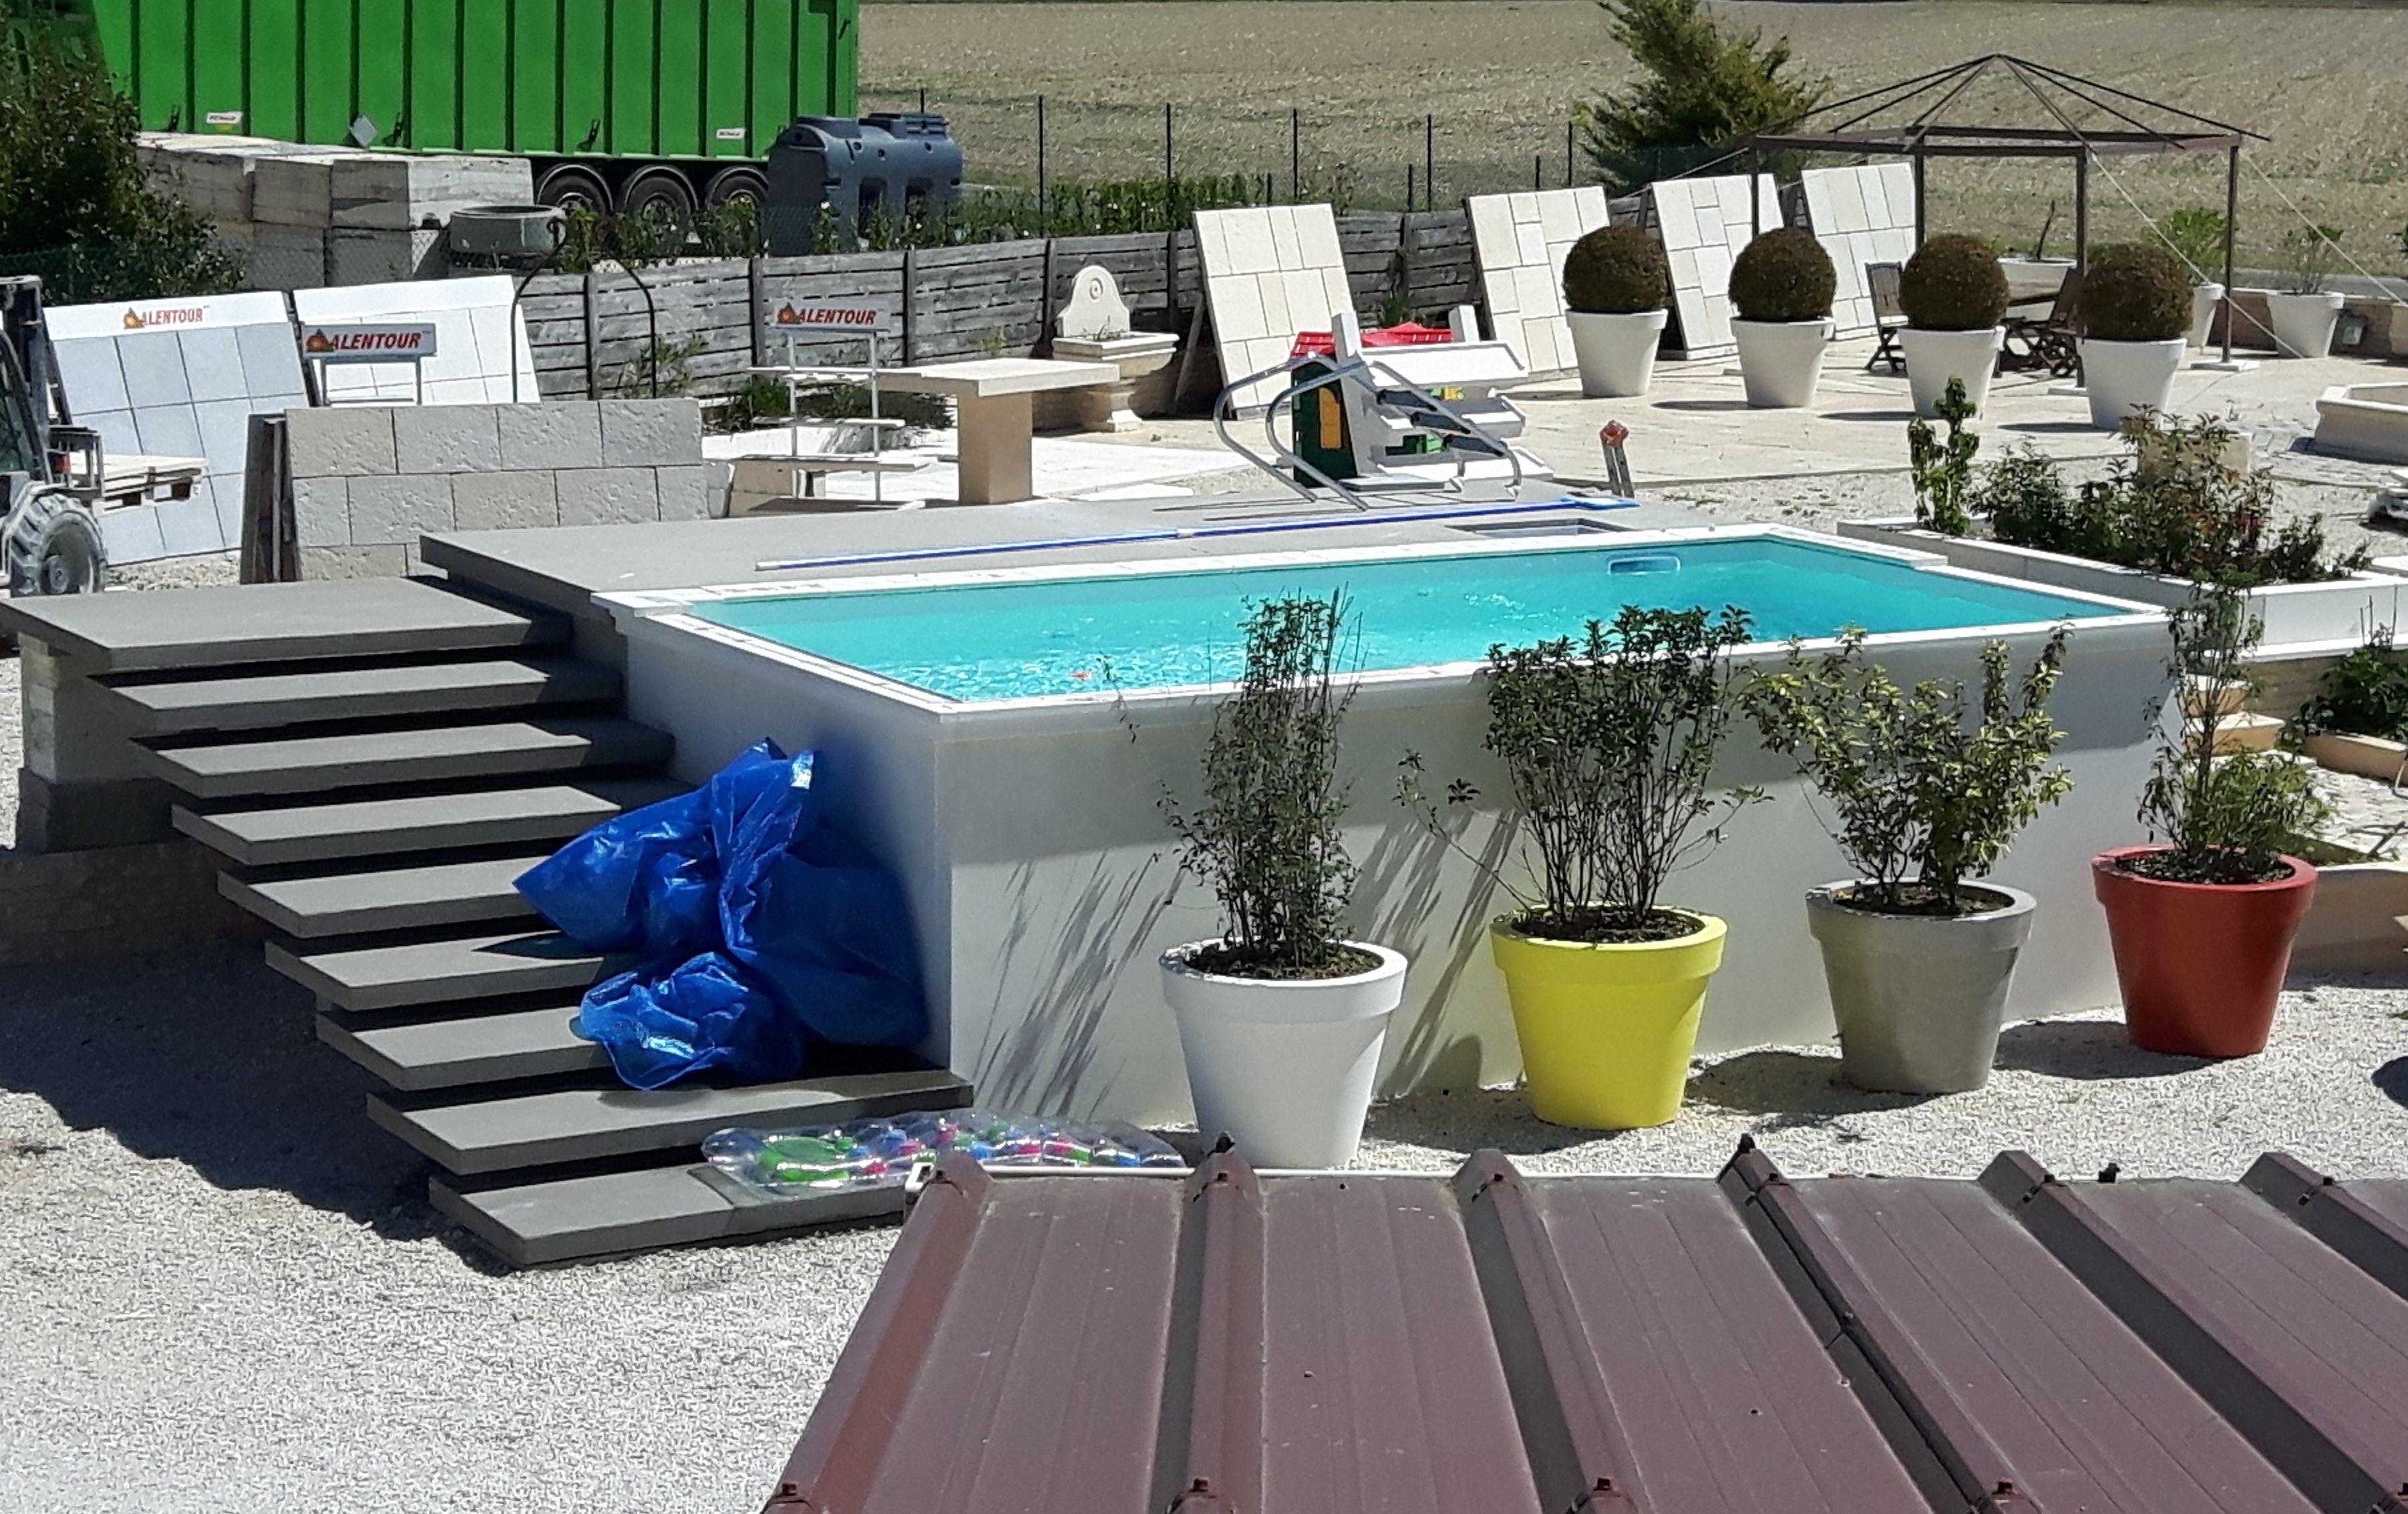 une piscine hors sol dimensions 3 m x 6 m compose dlments prfabriqus - Dimension Piscine Hors Sol